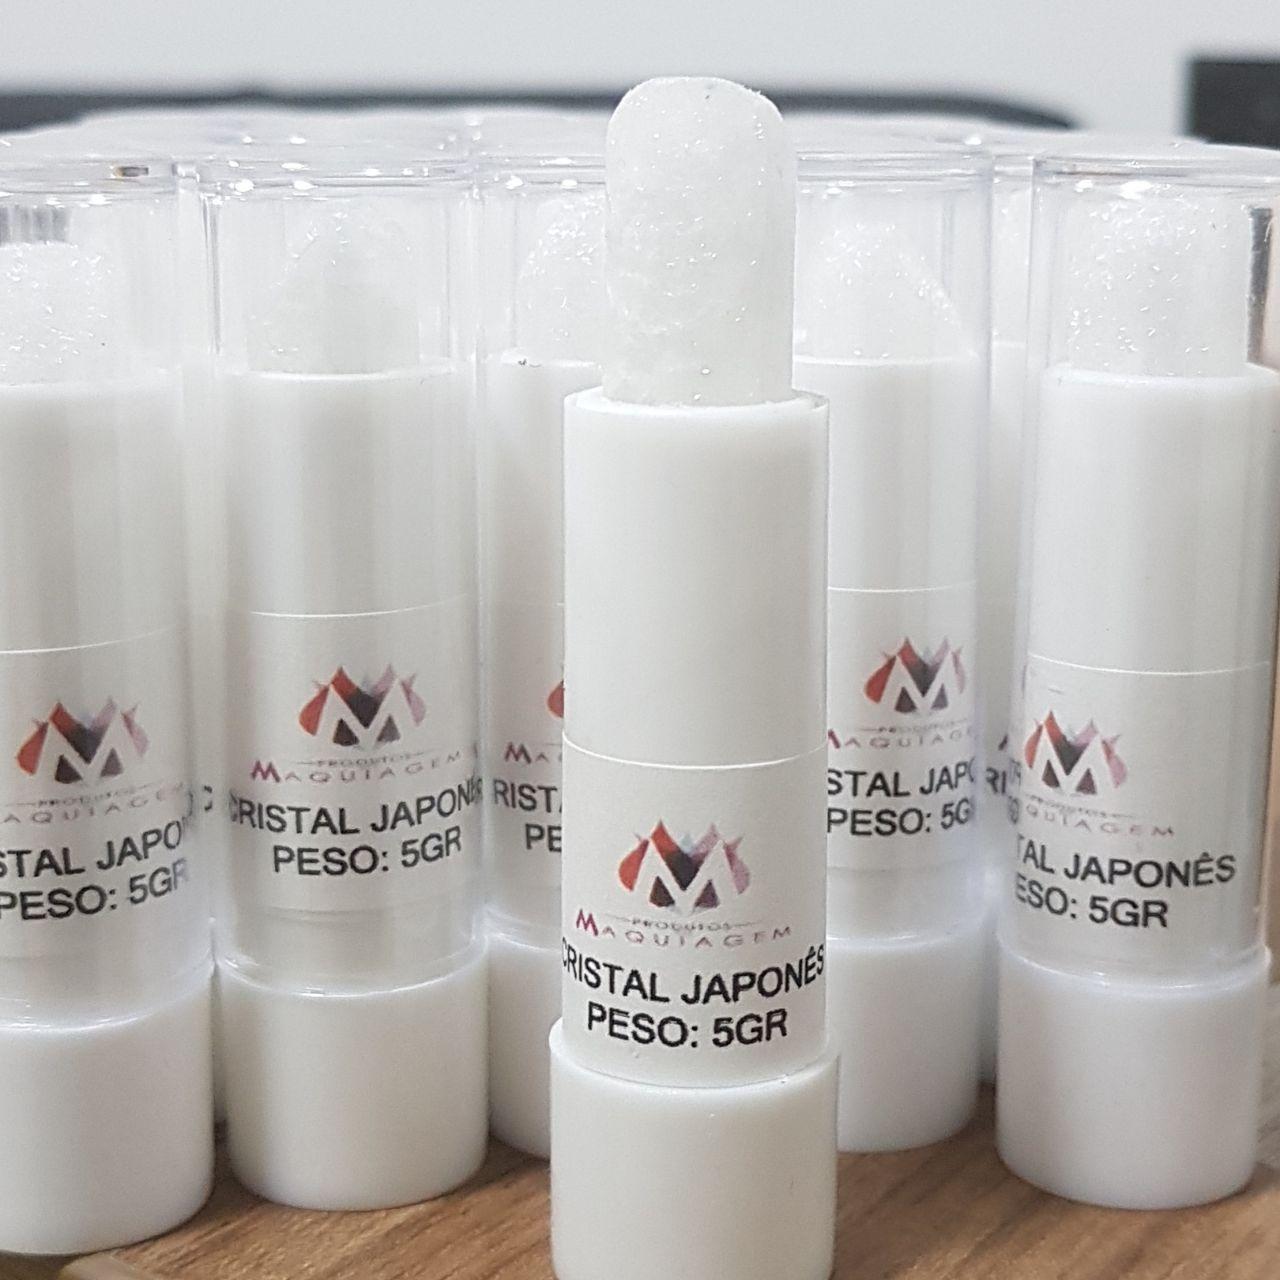 KIt com 3 unid - Cristal Japonês- Lagrimas Cenográficas